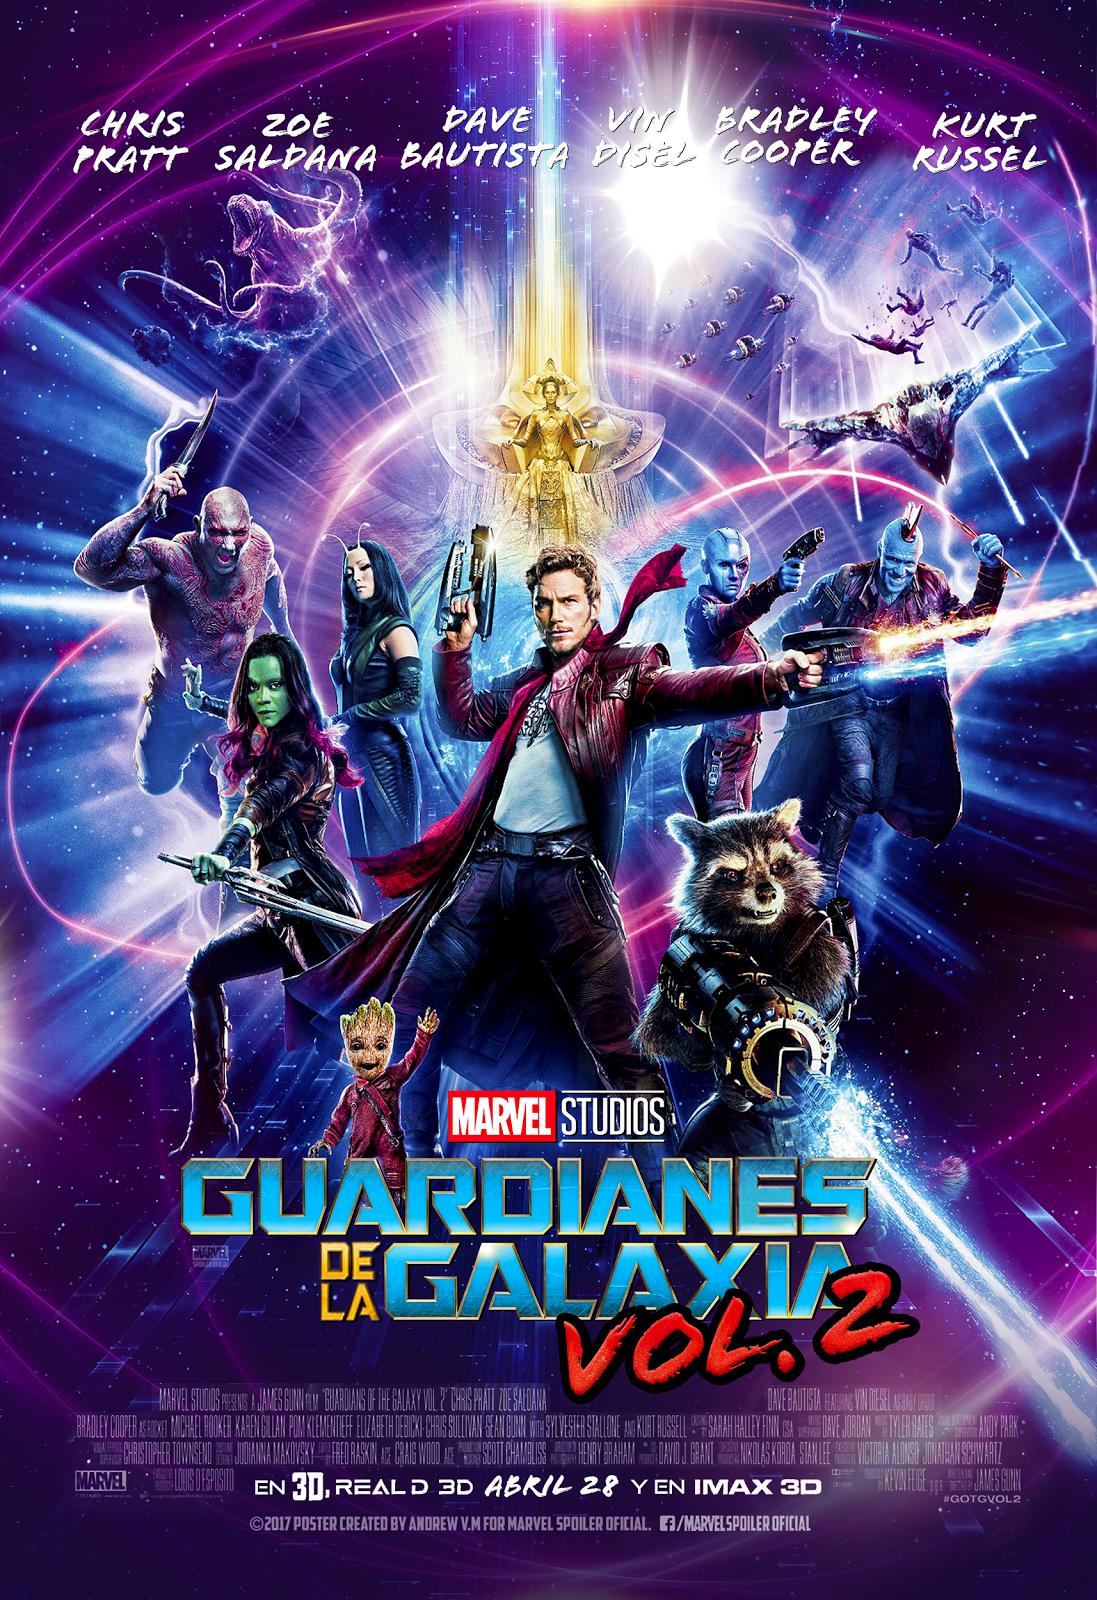 descargar peliculas gratis guardianes de la galaxia 2